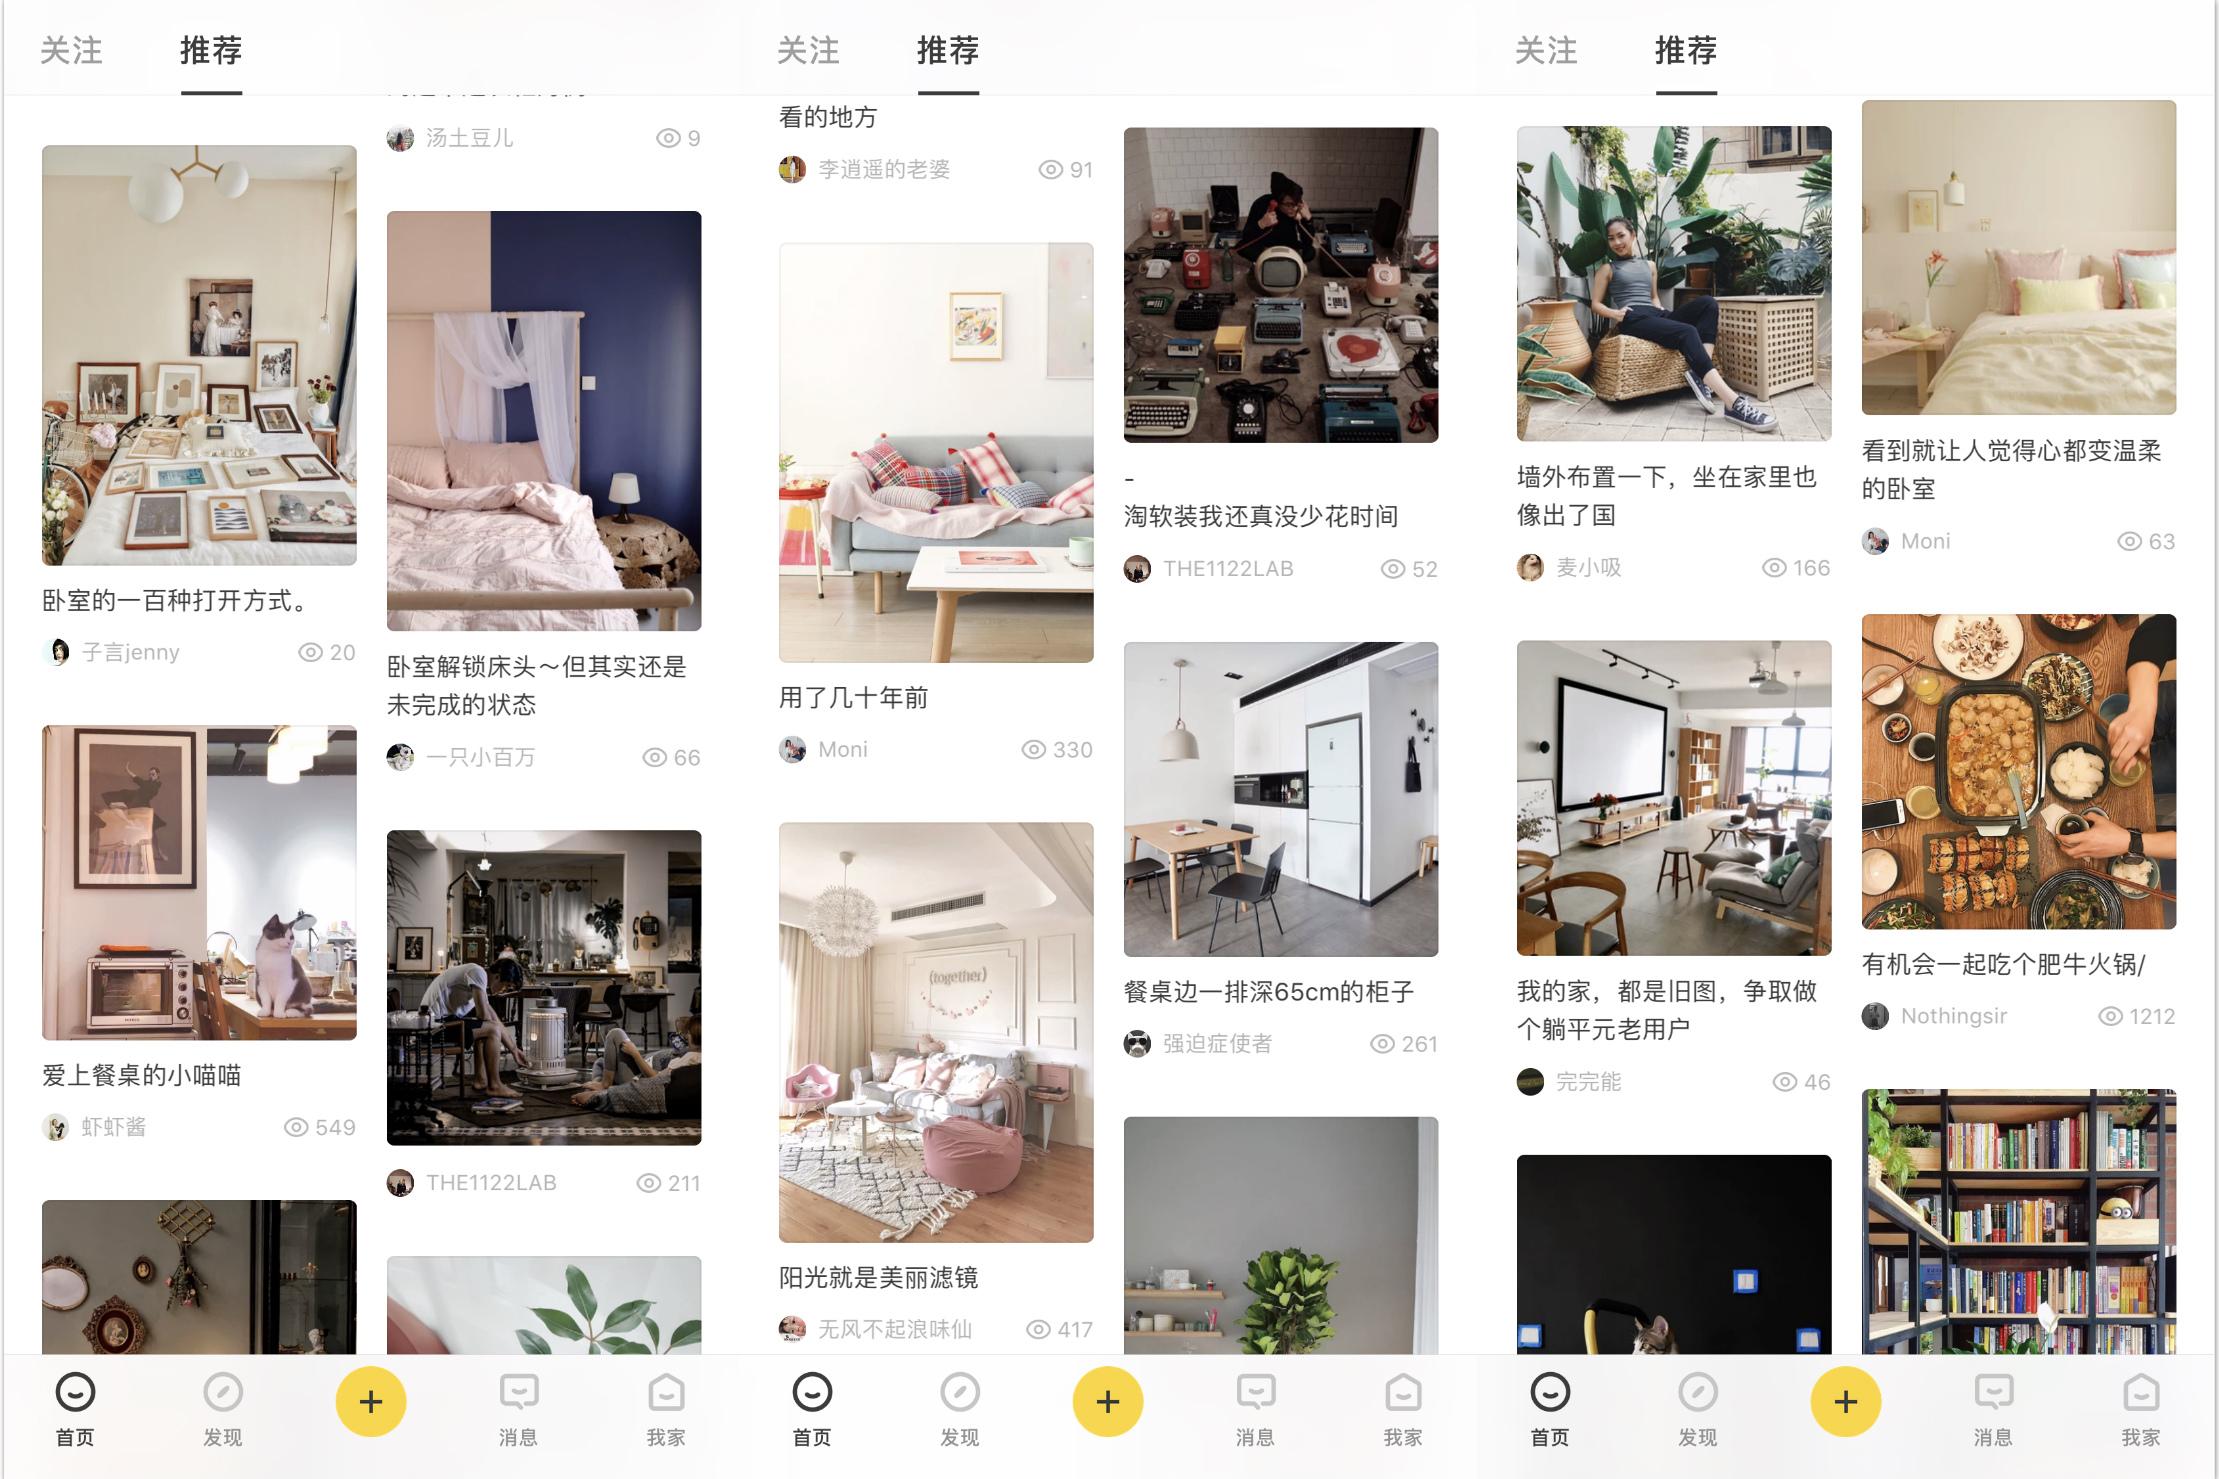 """淘宝上线家居种草社区""""躺平"""",豌豆荚上下载量仅376次"""